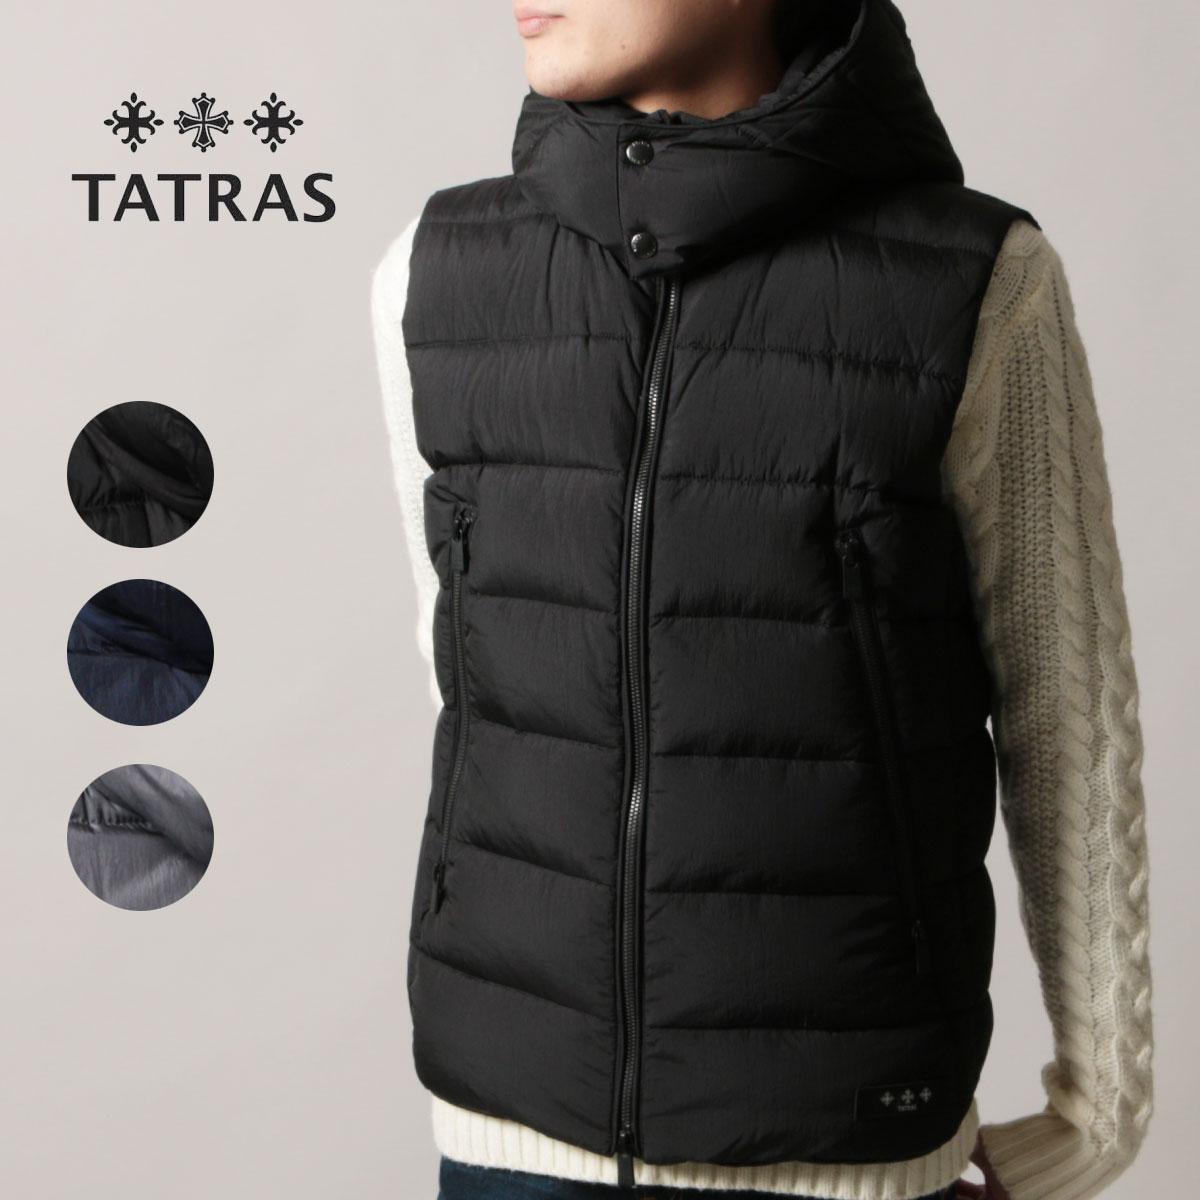 【セール対象】TATRAS ダウンベスト メンズ タトラス CURONE クローネ 秋冬 新作TATRAS タトラス